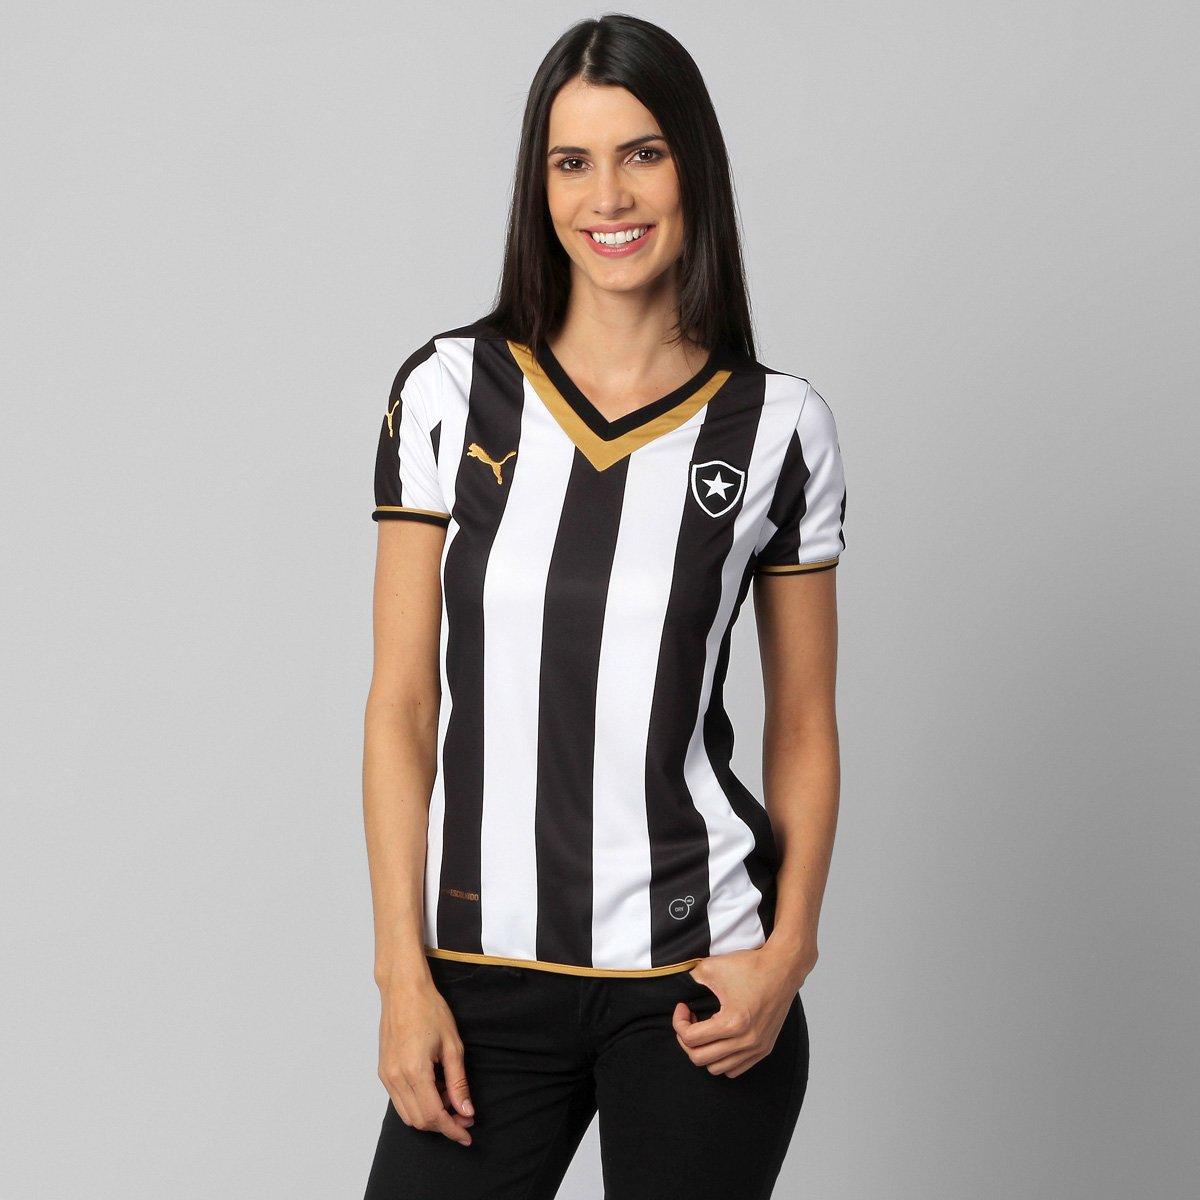 955858f034 Camisa Feminina Puma Botafogo I 2014 s nº - Compre Agora